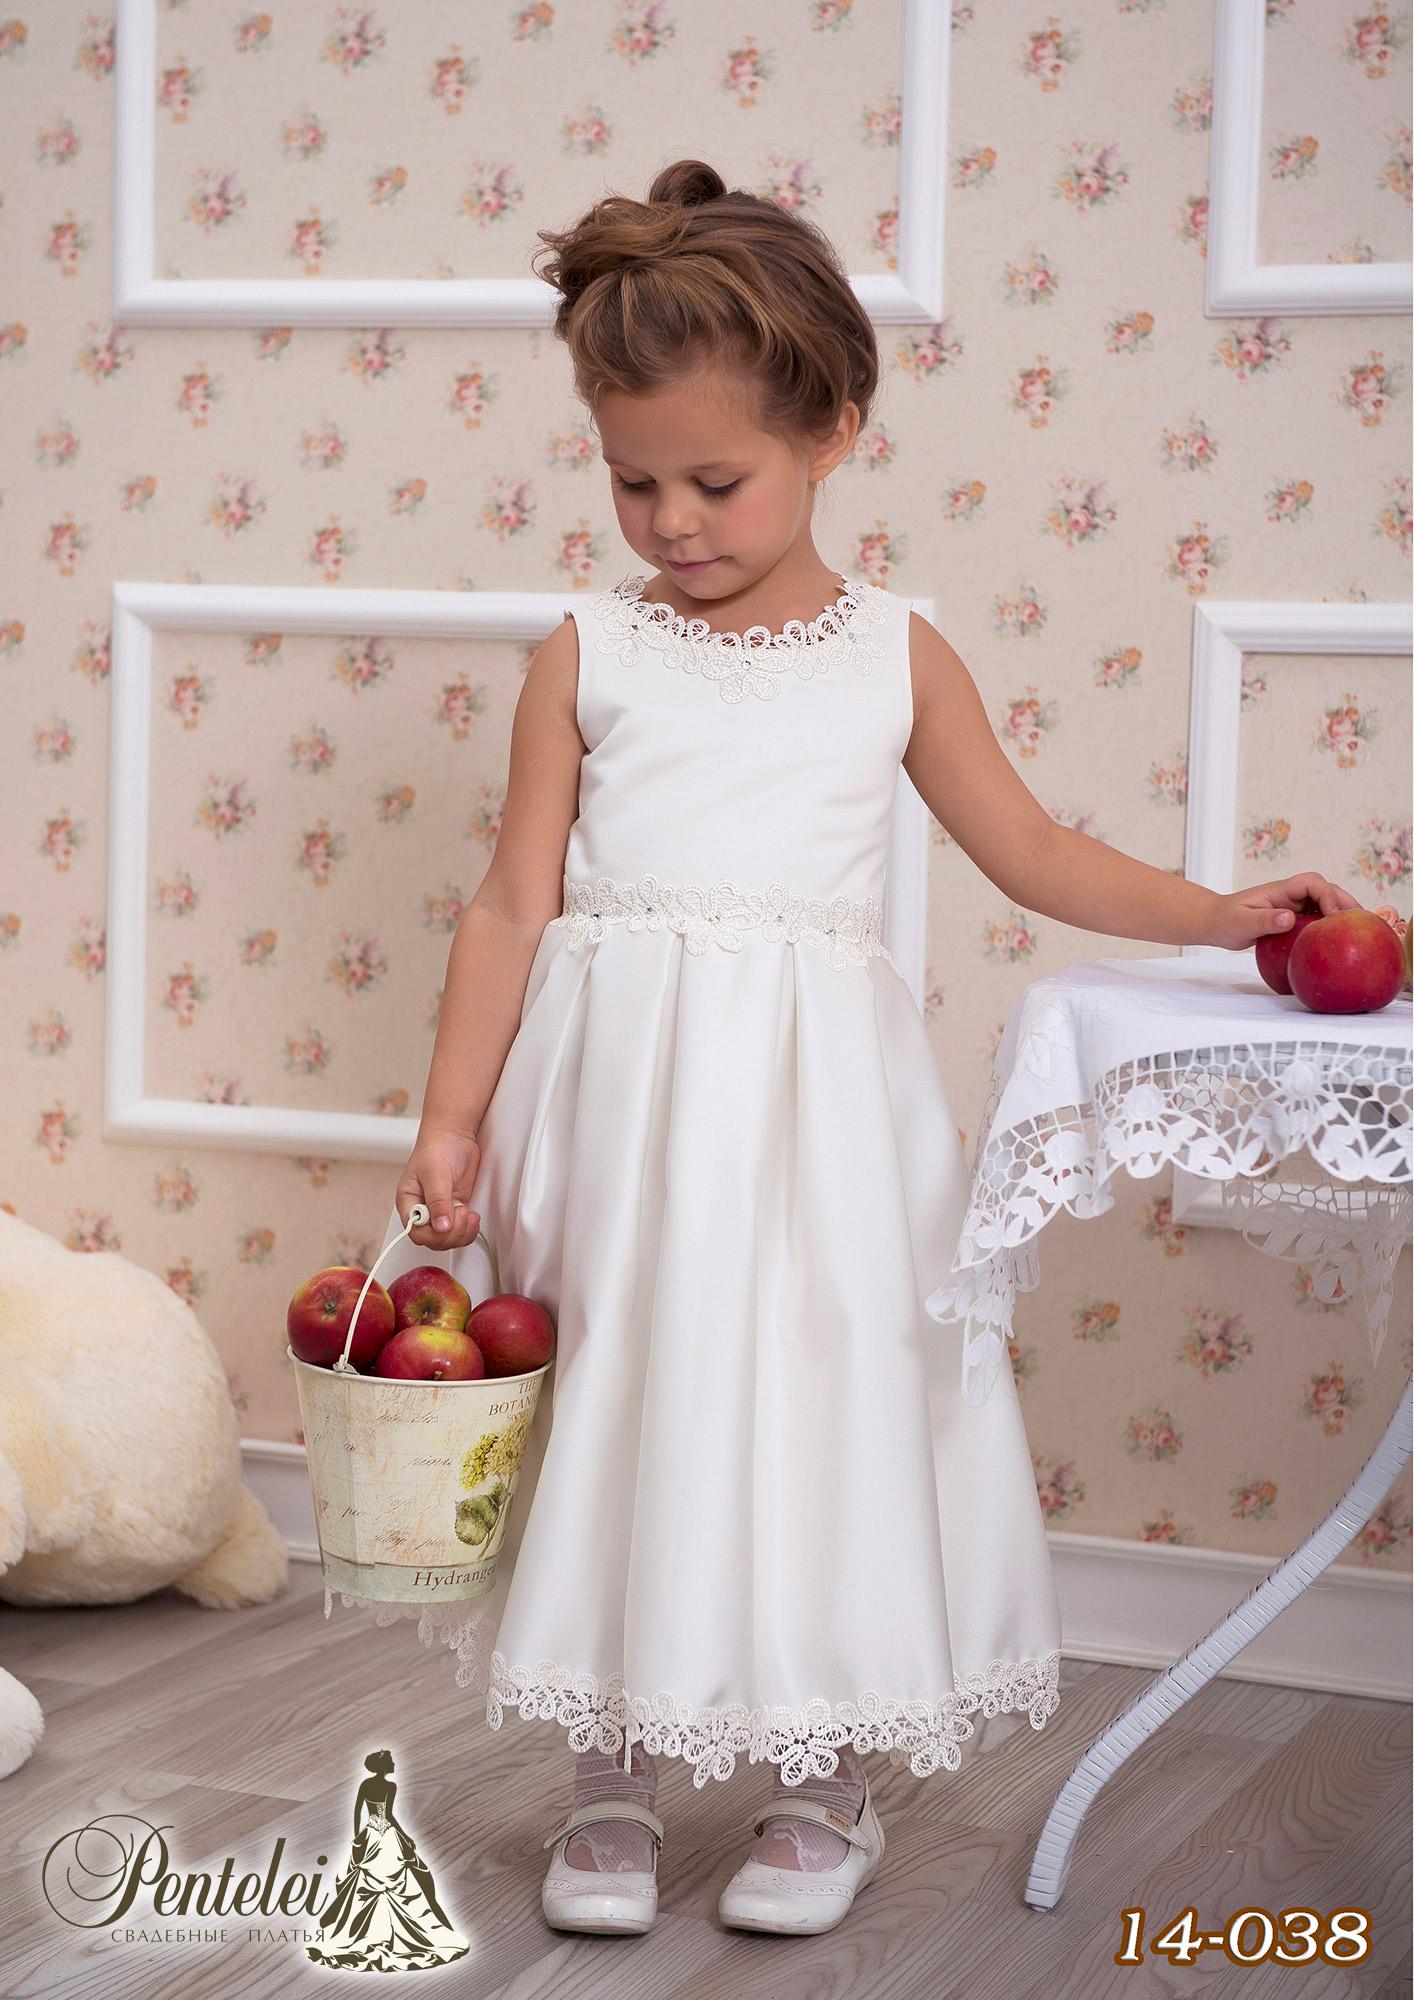 14-038 | Купити дитячі сукні оптом від Pentelei